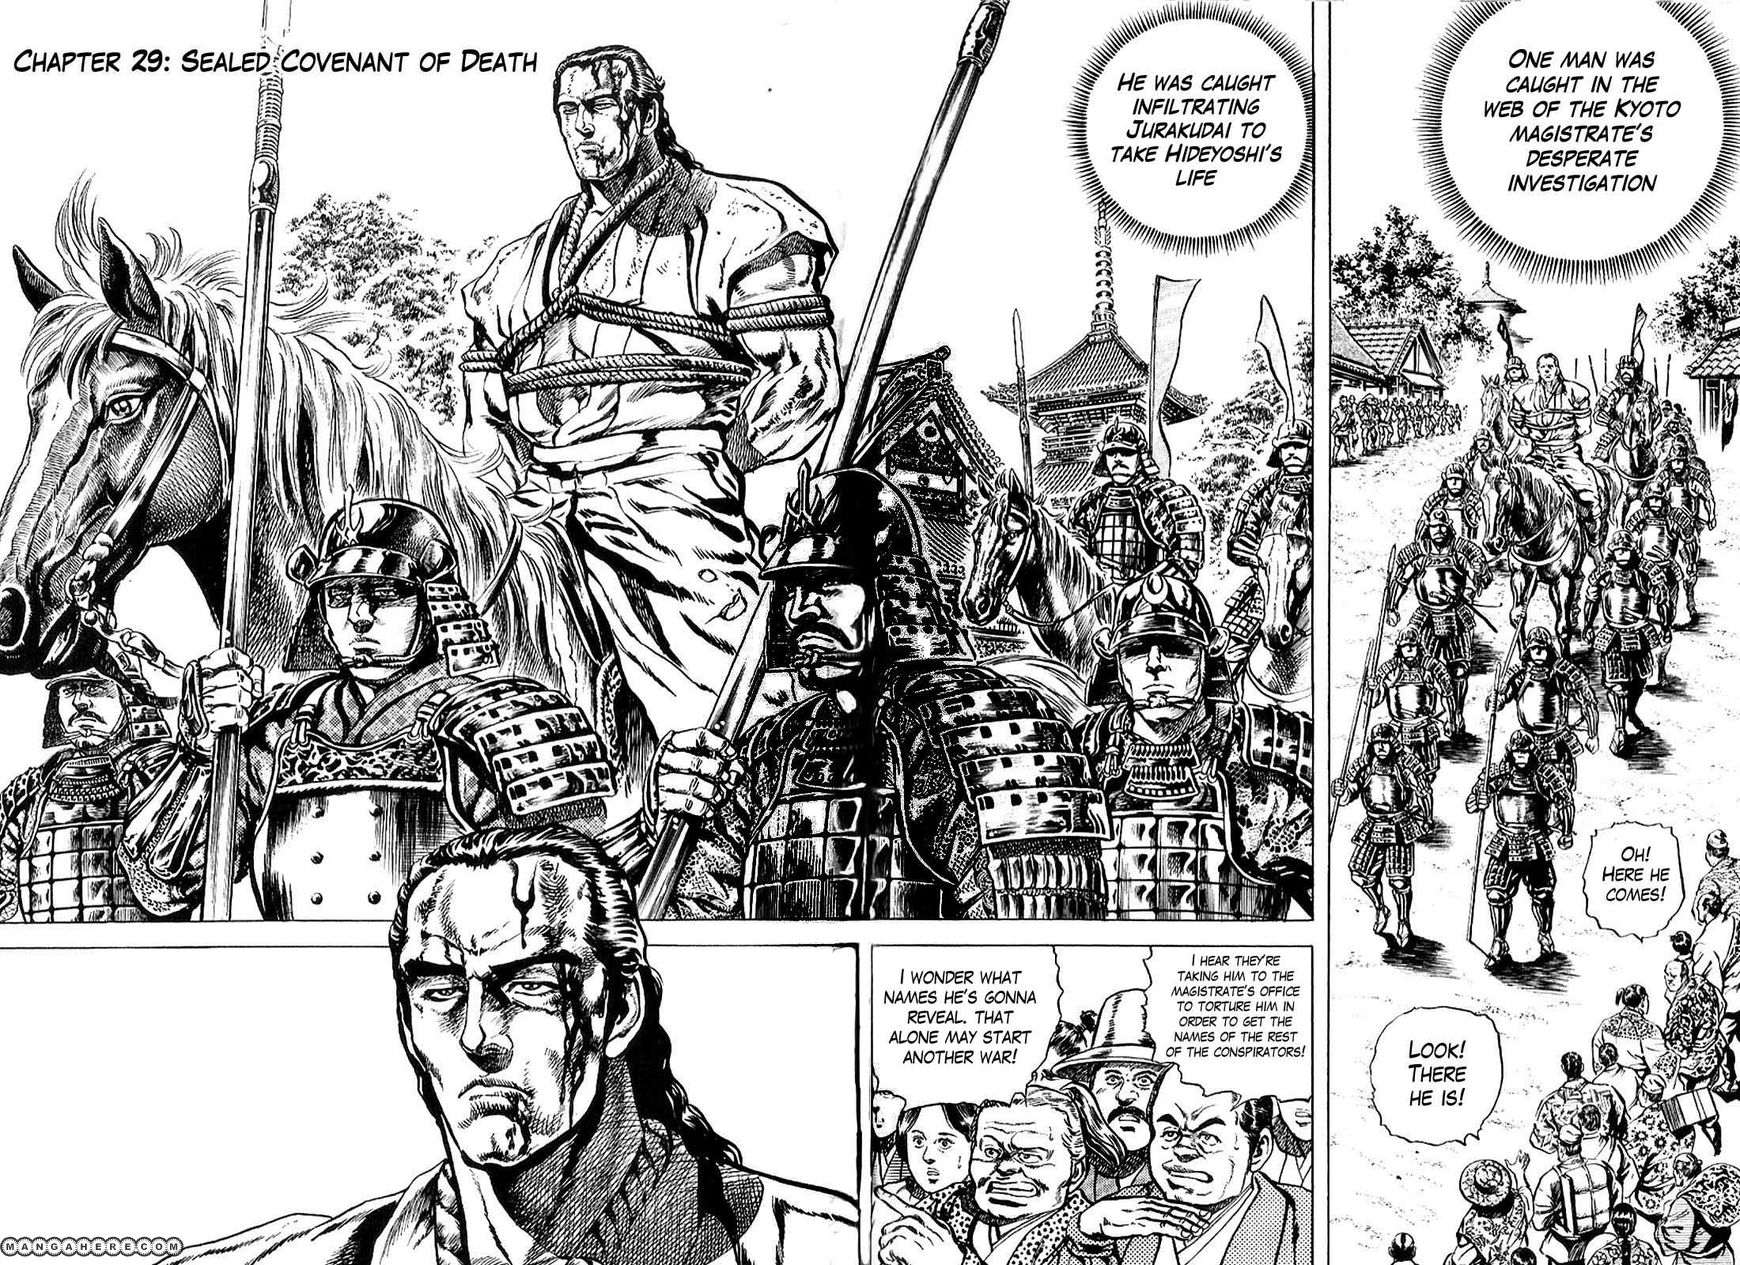 Hana no Keiji 29 Page 2